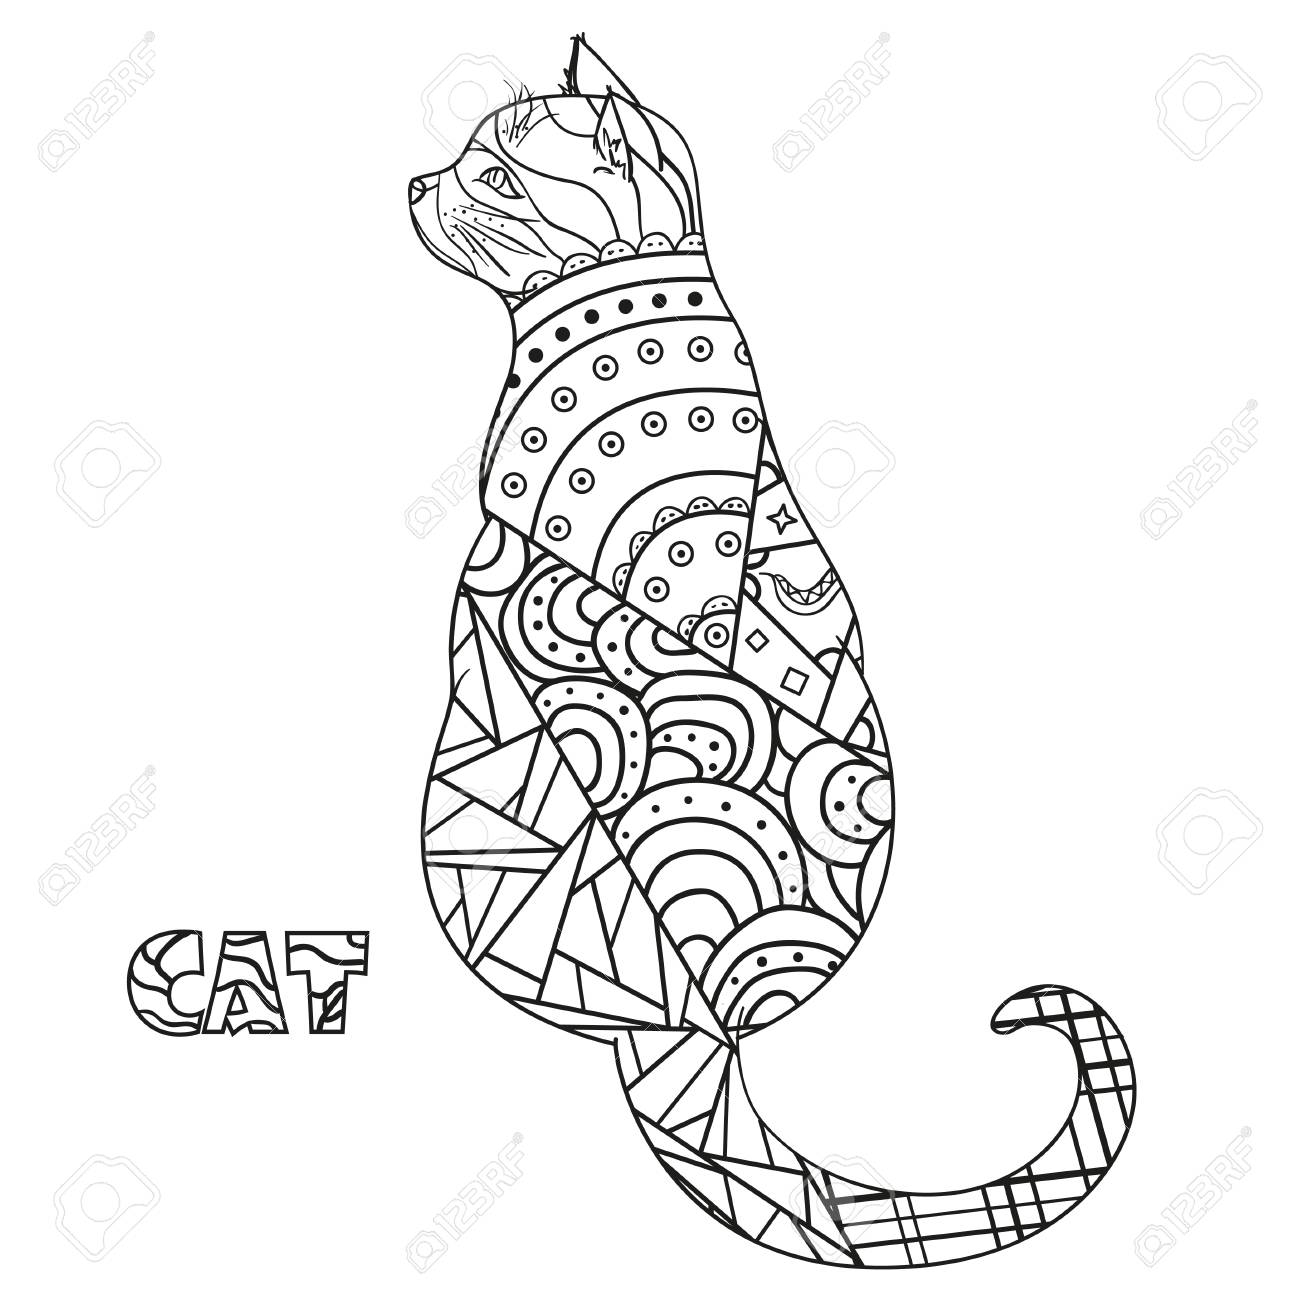 Gato. Zentangle. Gato Dibujado A Mano Con Patrones Abstractos Sobre ...